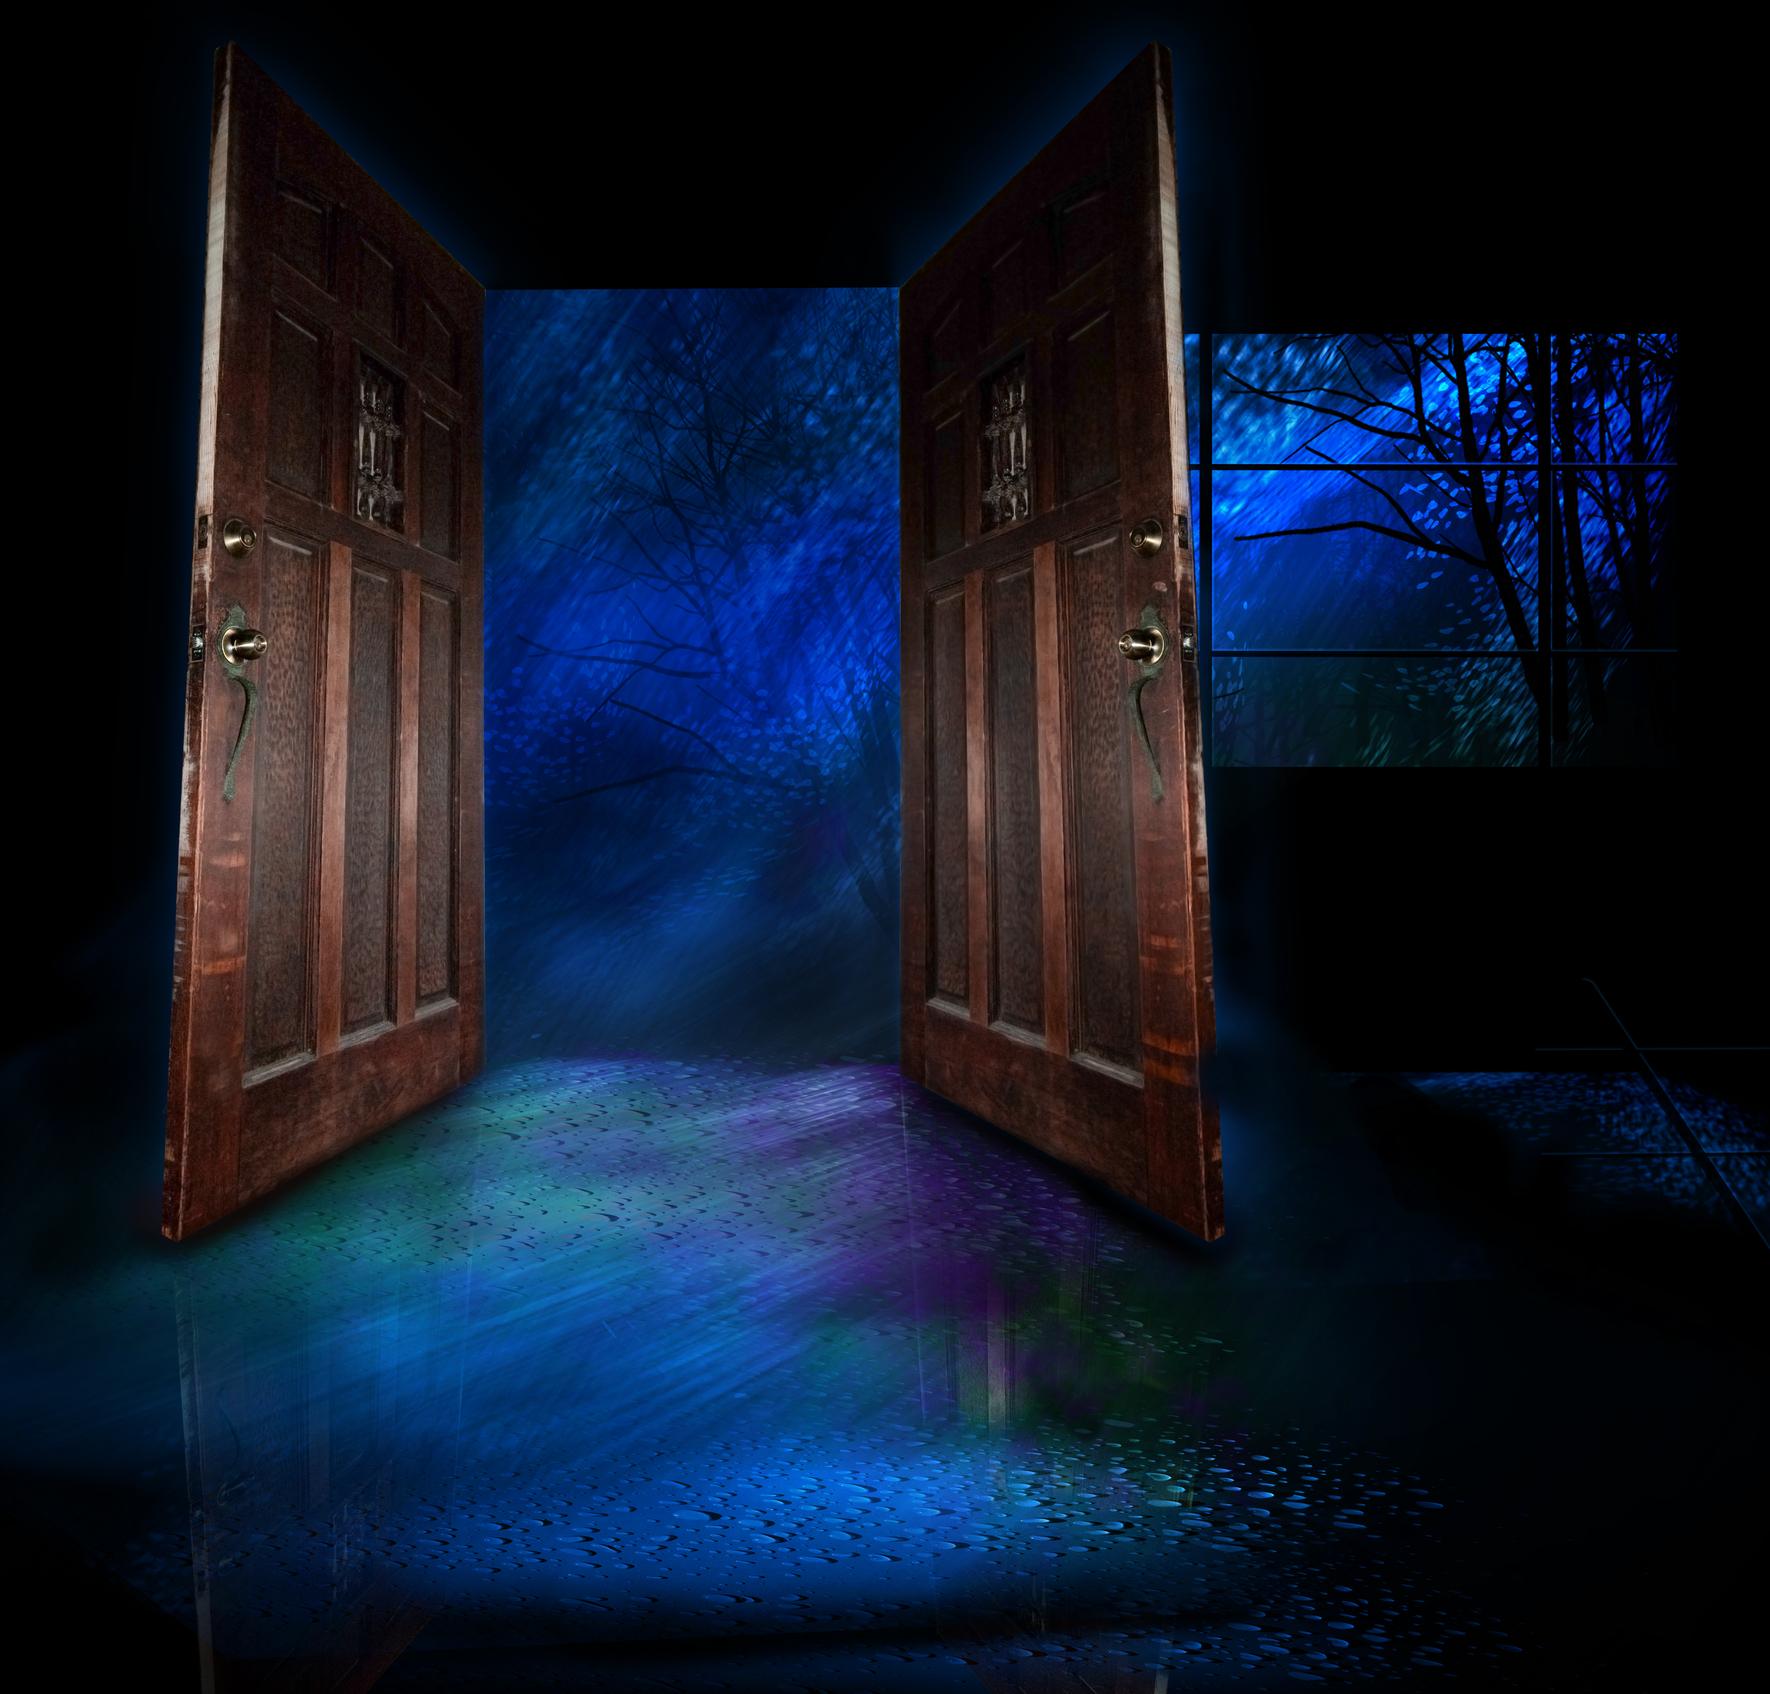 dreamstime_m_5440725.jpg